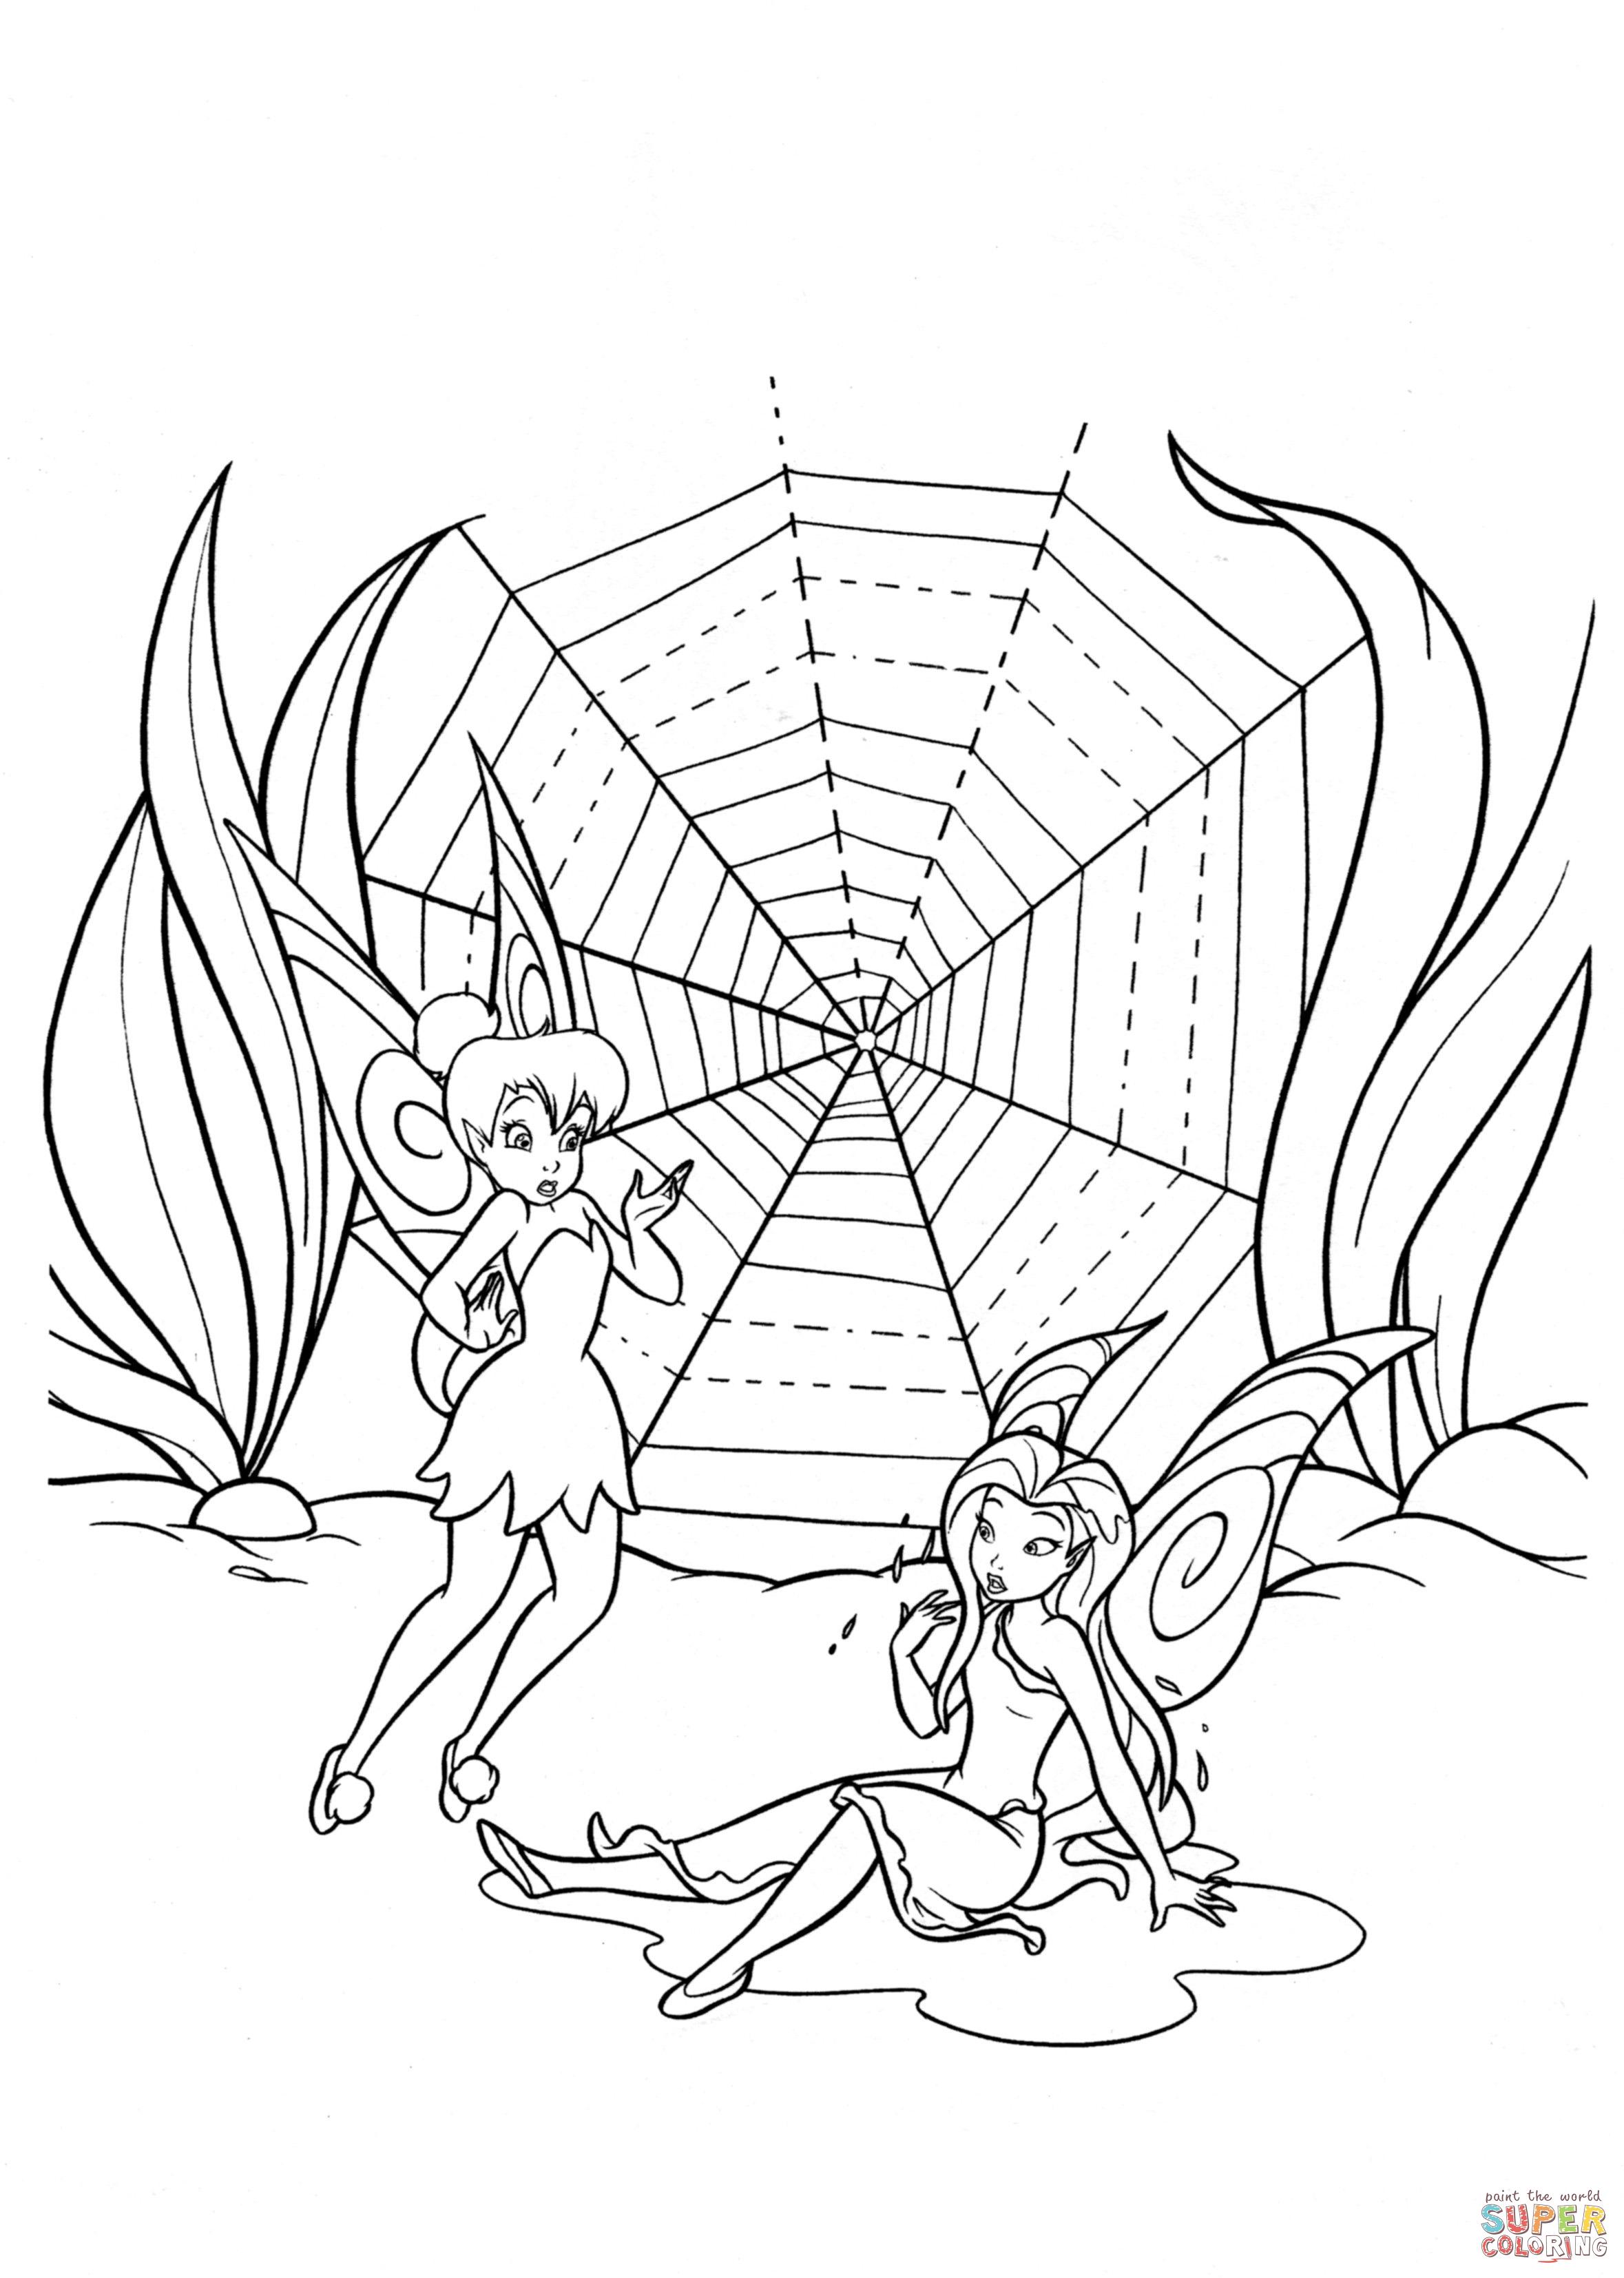 95 dessins de coloriage araign e en ligne imprimer - Coloriage ligne ...